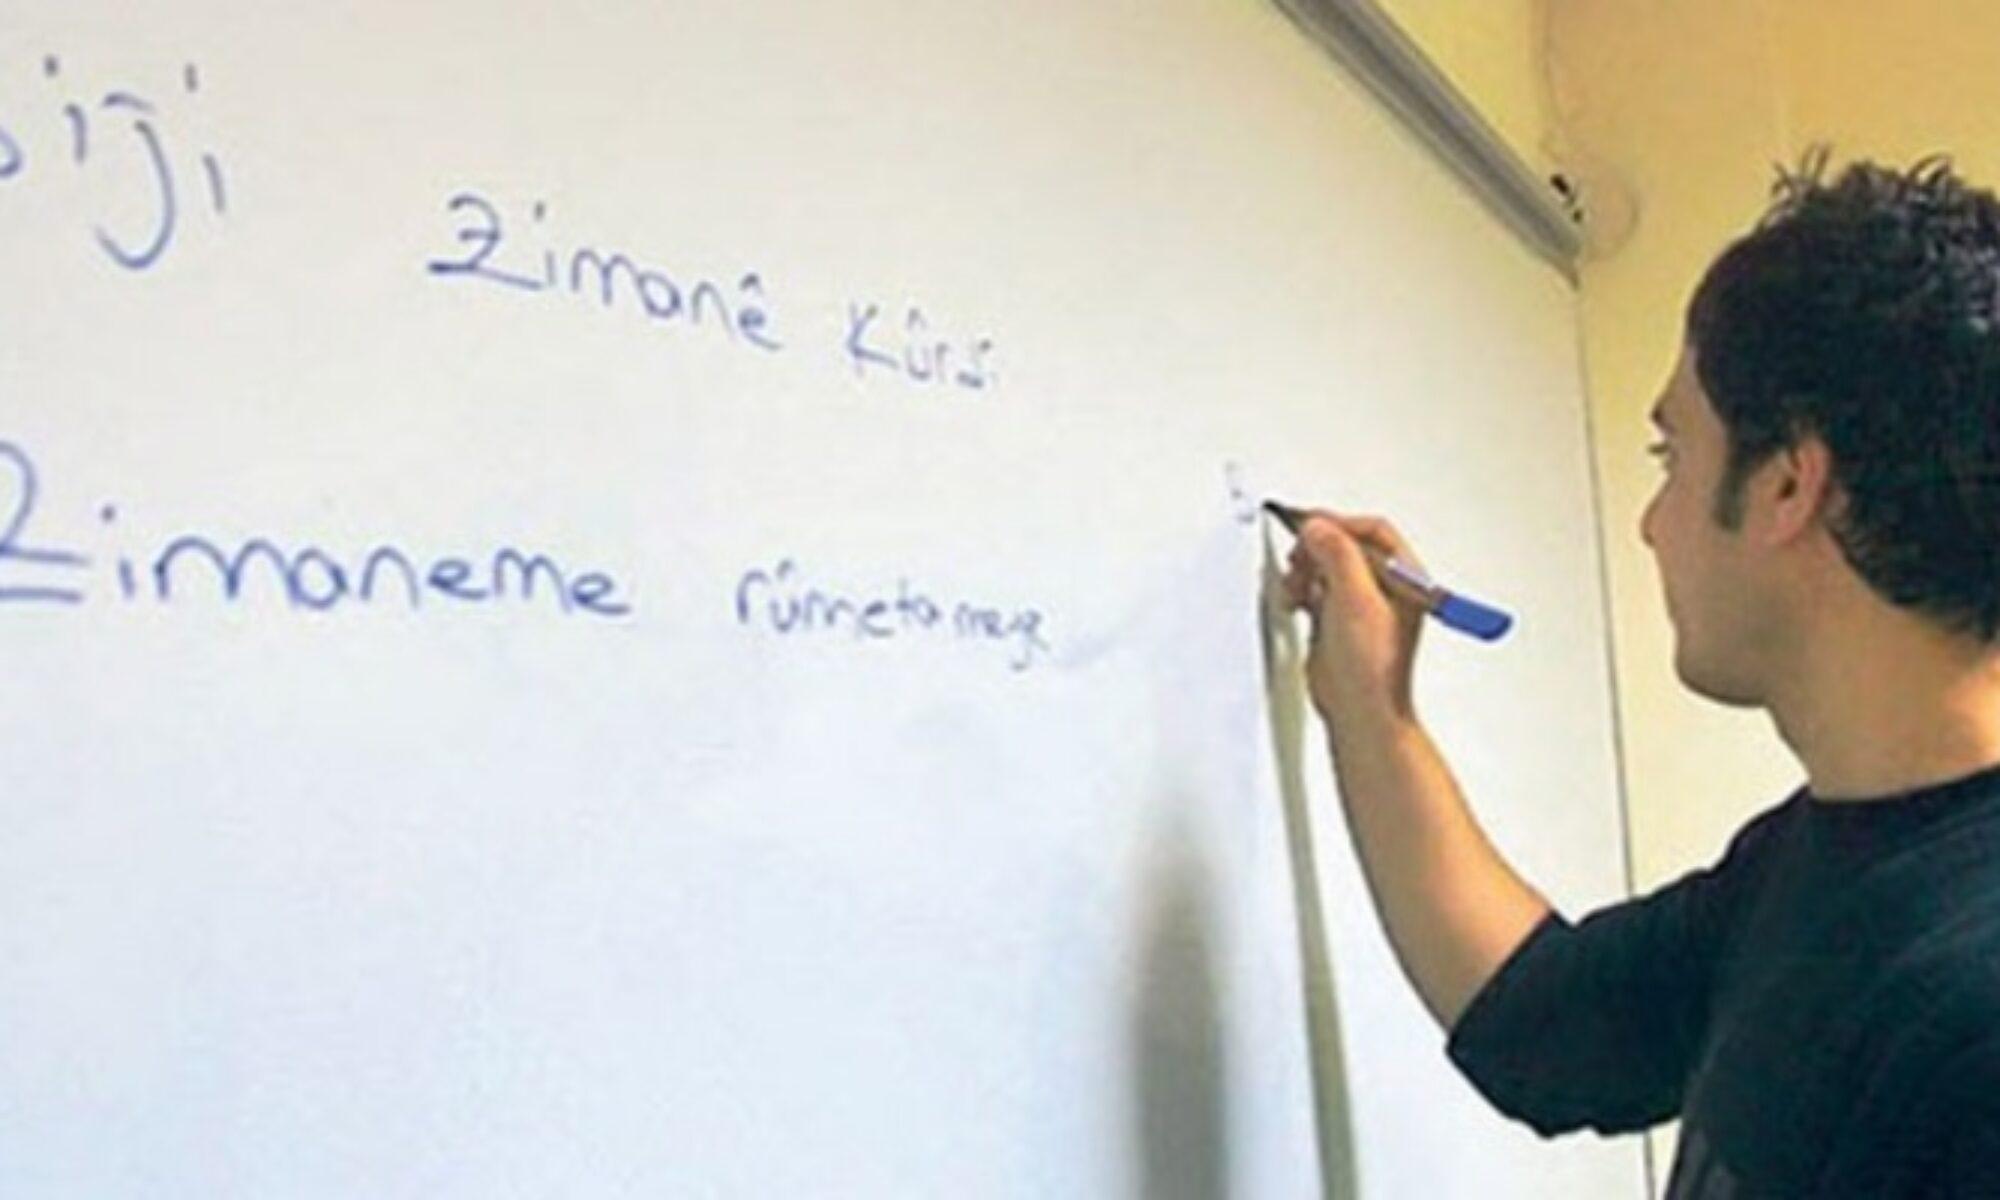 Öğretmen atamalarında Türk tipi kardeşlik; Kürtçeye 3, Türkçeye 918, Arapçaya 503, Rusçaya 25 atama